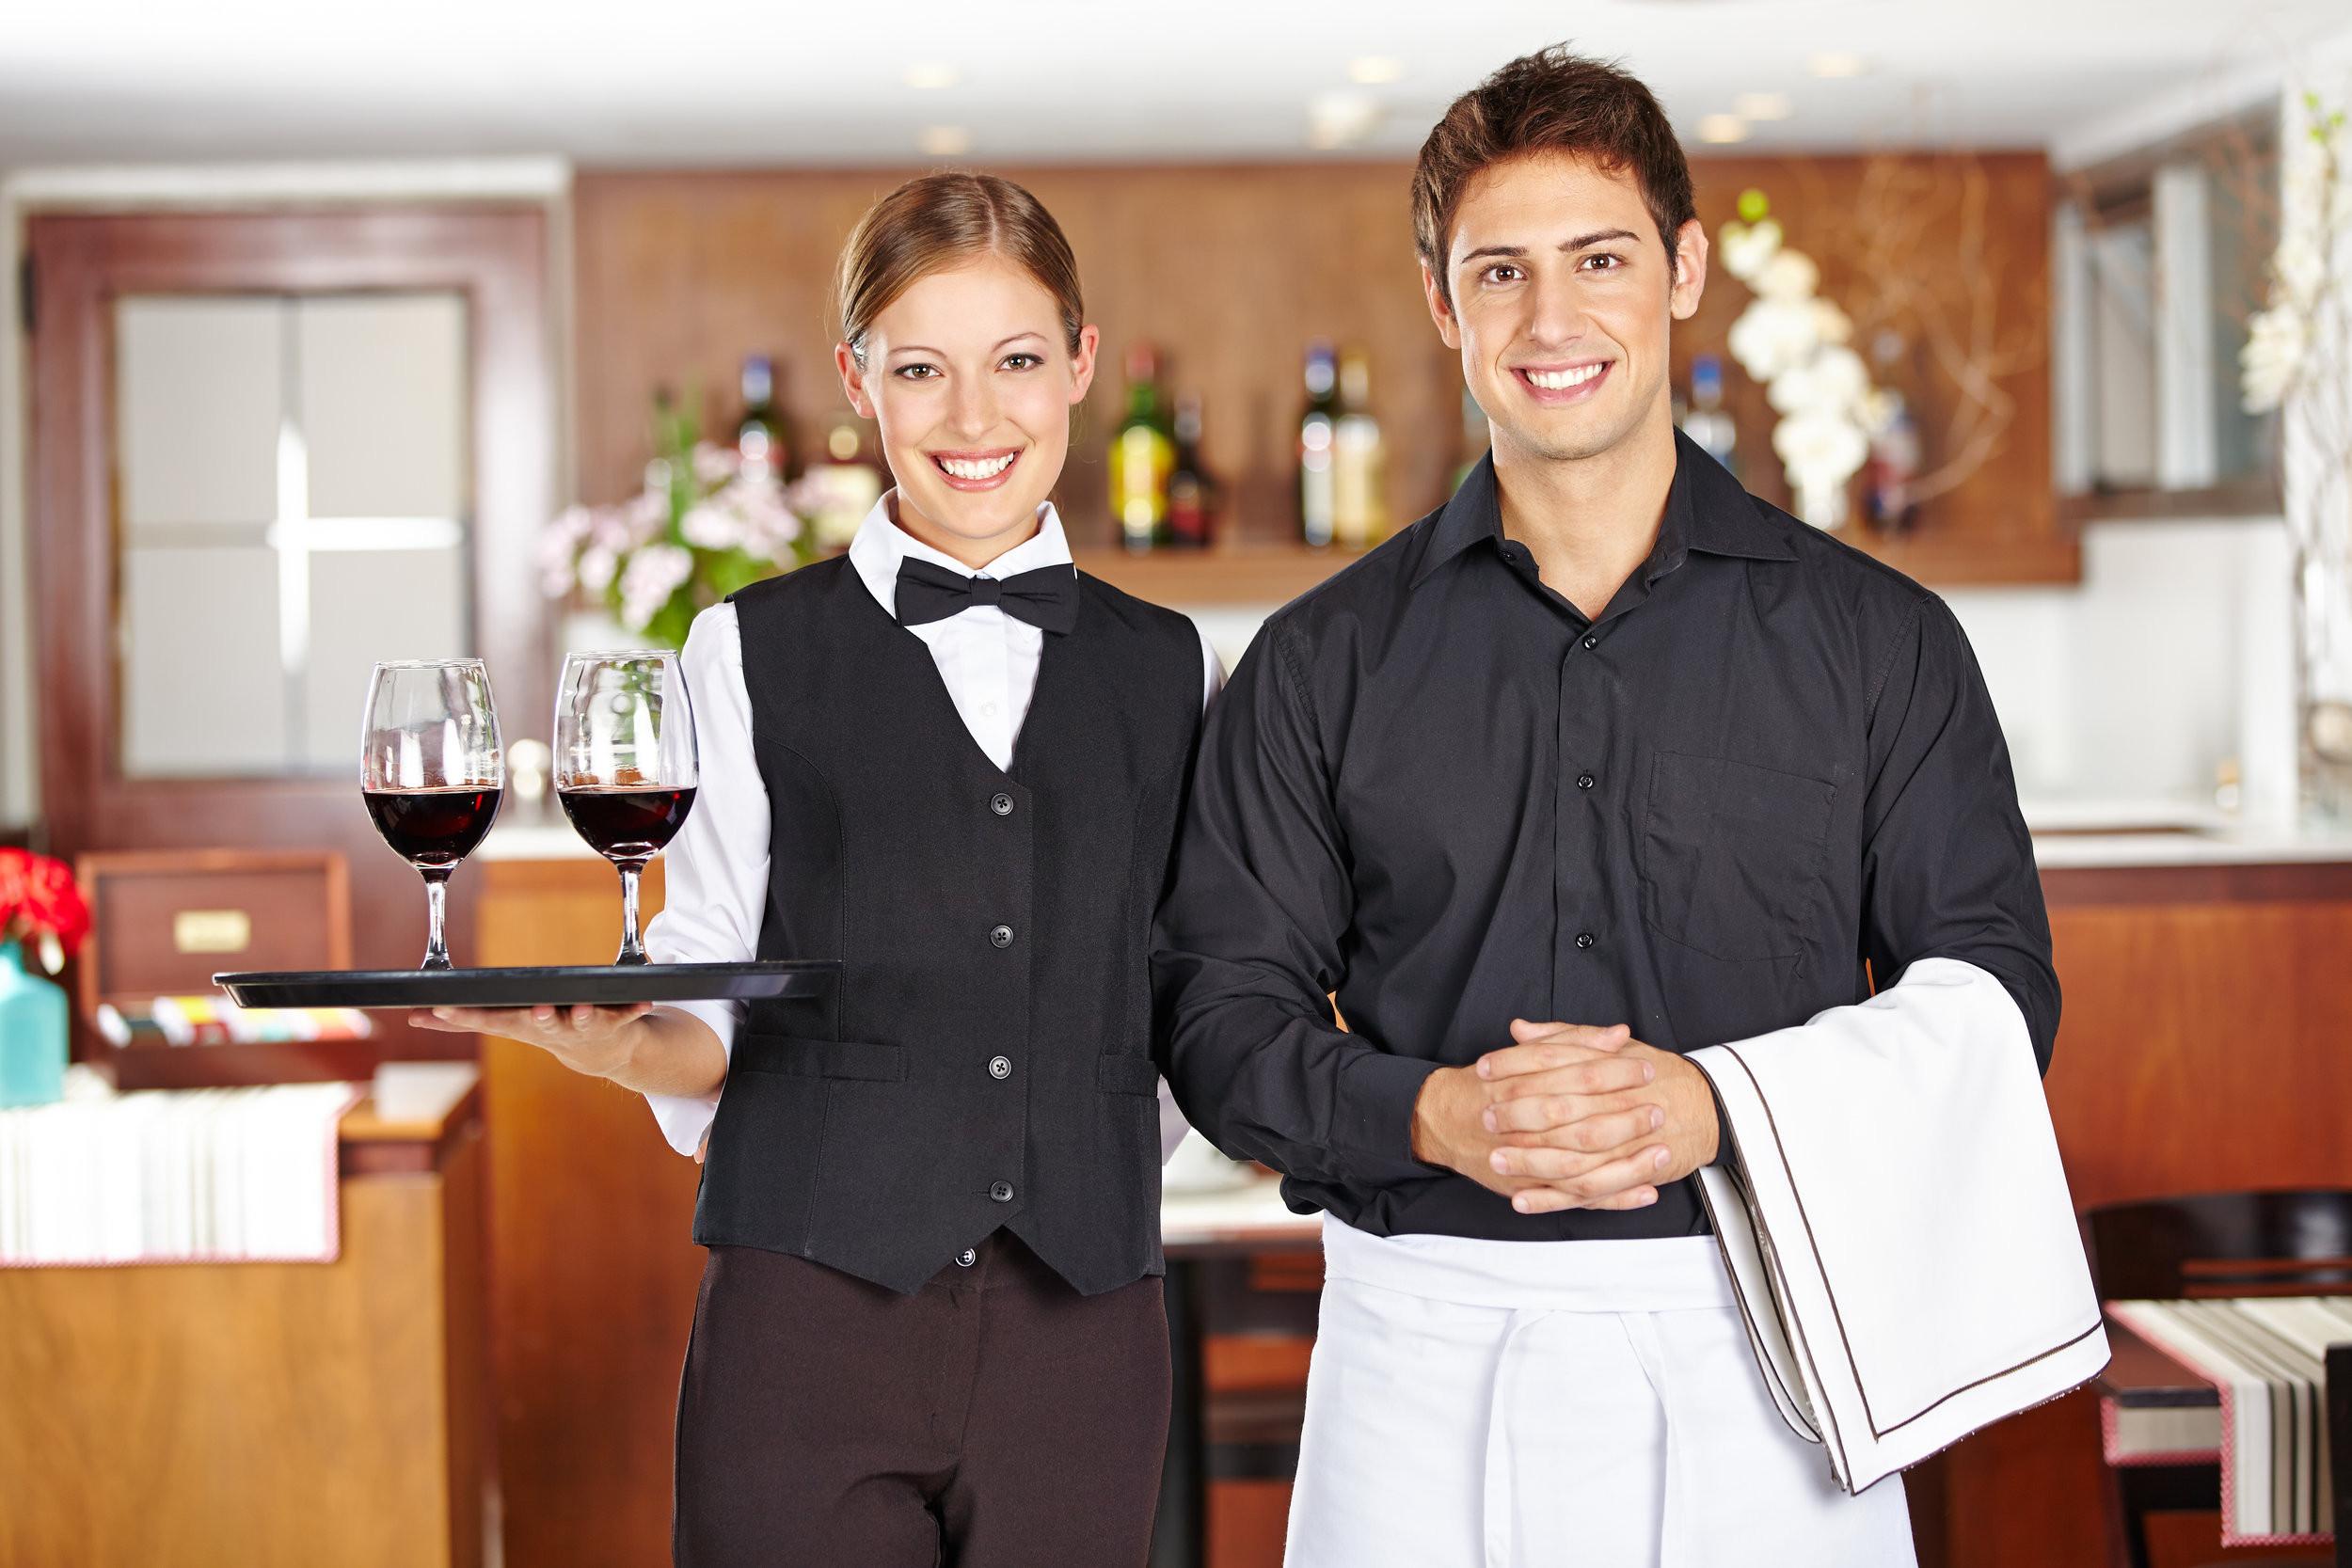 картинка в ресторан требуется что жизни все